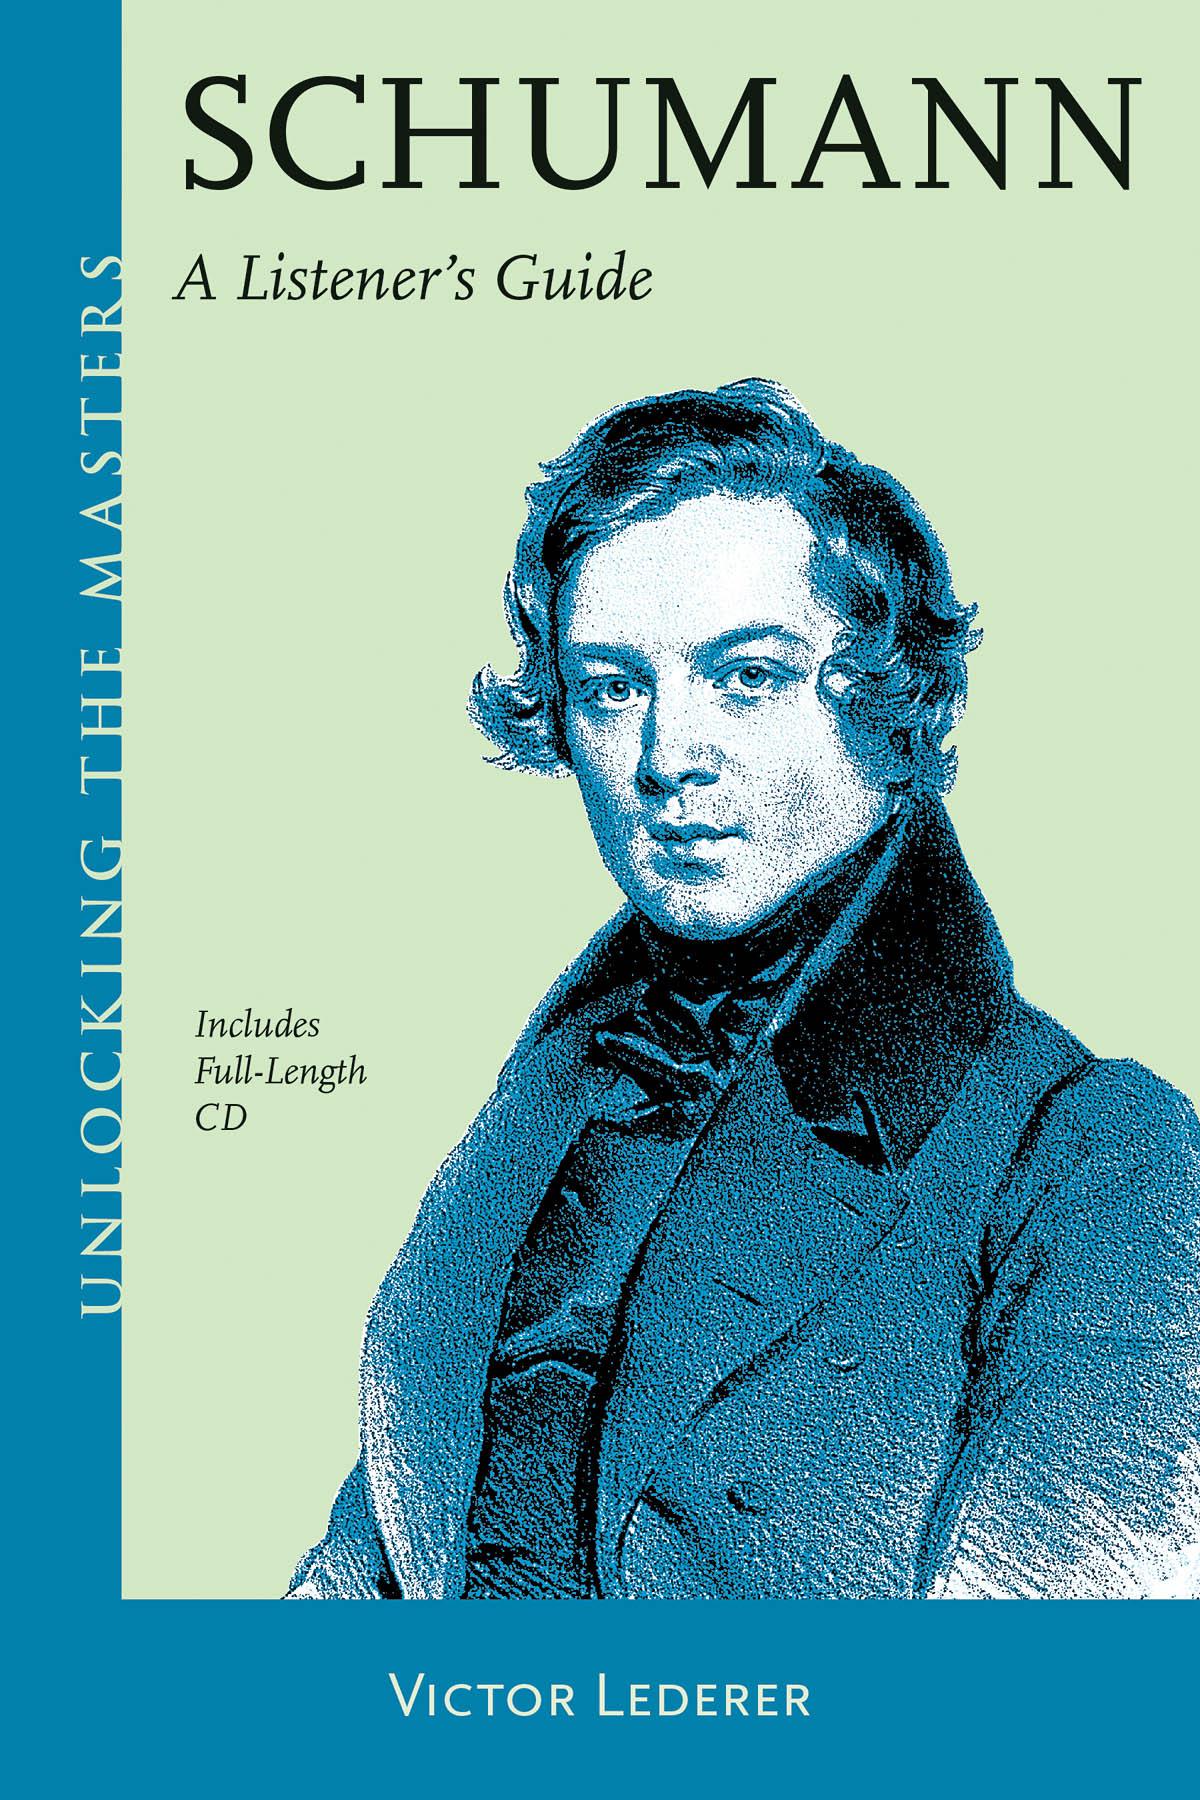 Robert Schumann: Schumann – A Listener's Guide: Reference Books